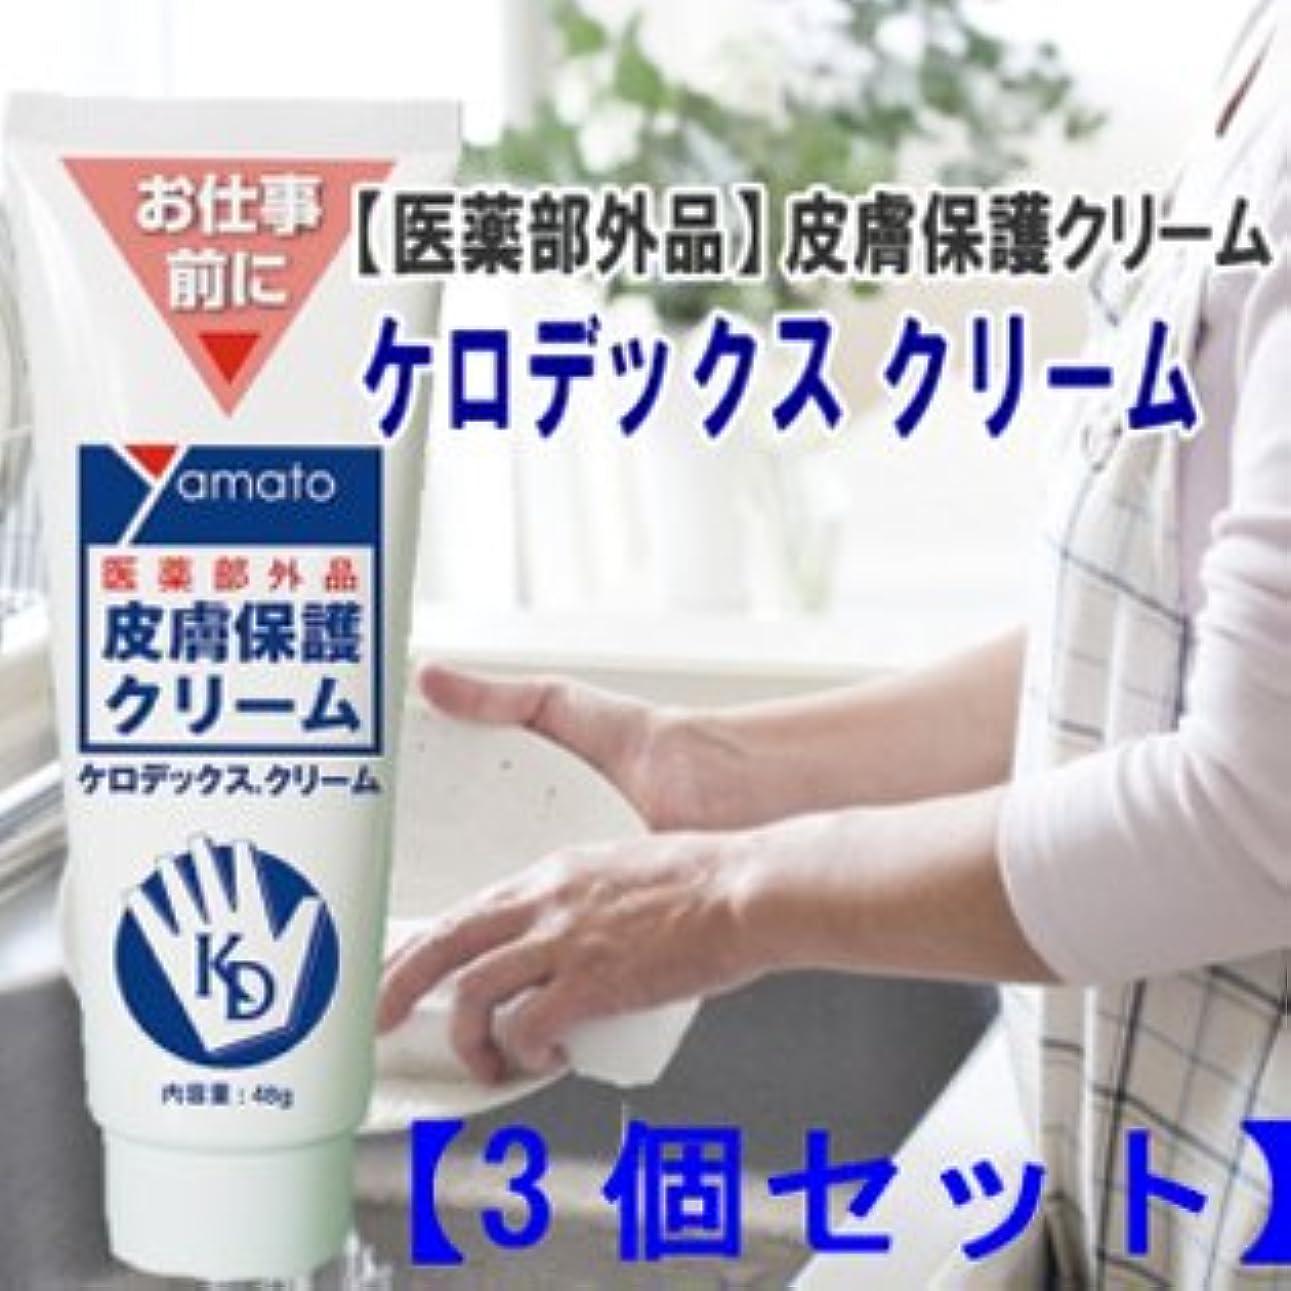 昇進愛ブル医薬部外品 皮膚保護クリーム ケロデックスクリーム48g 3個セット